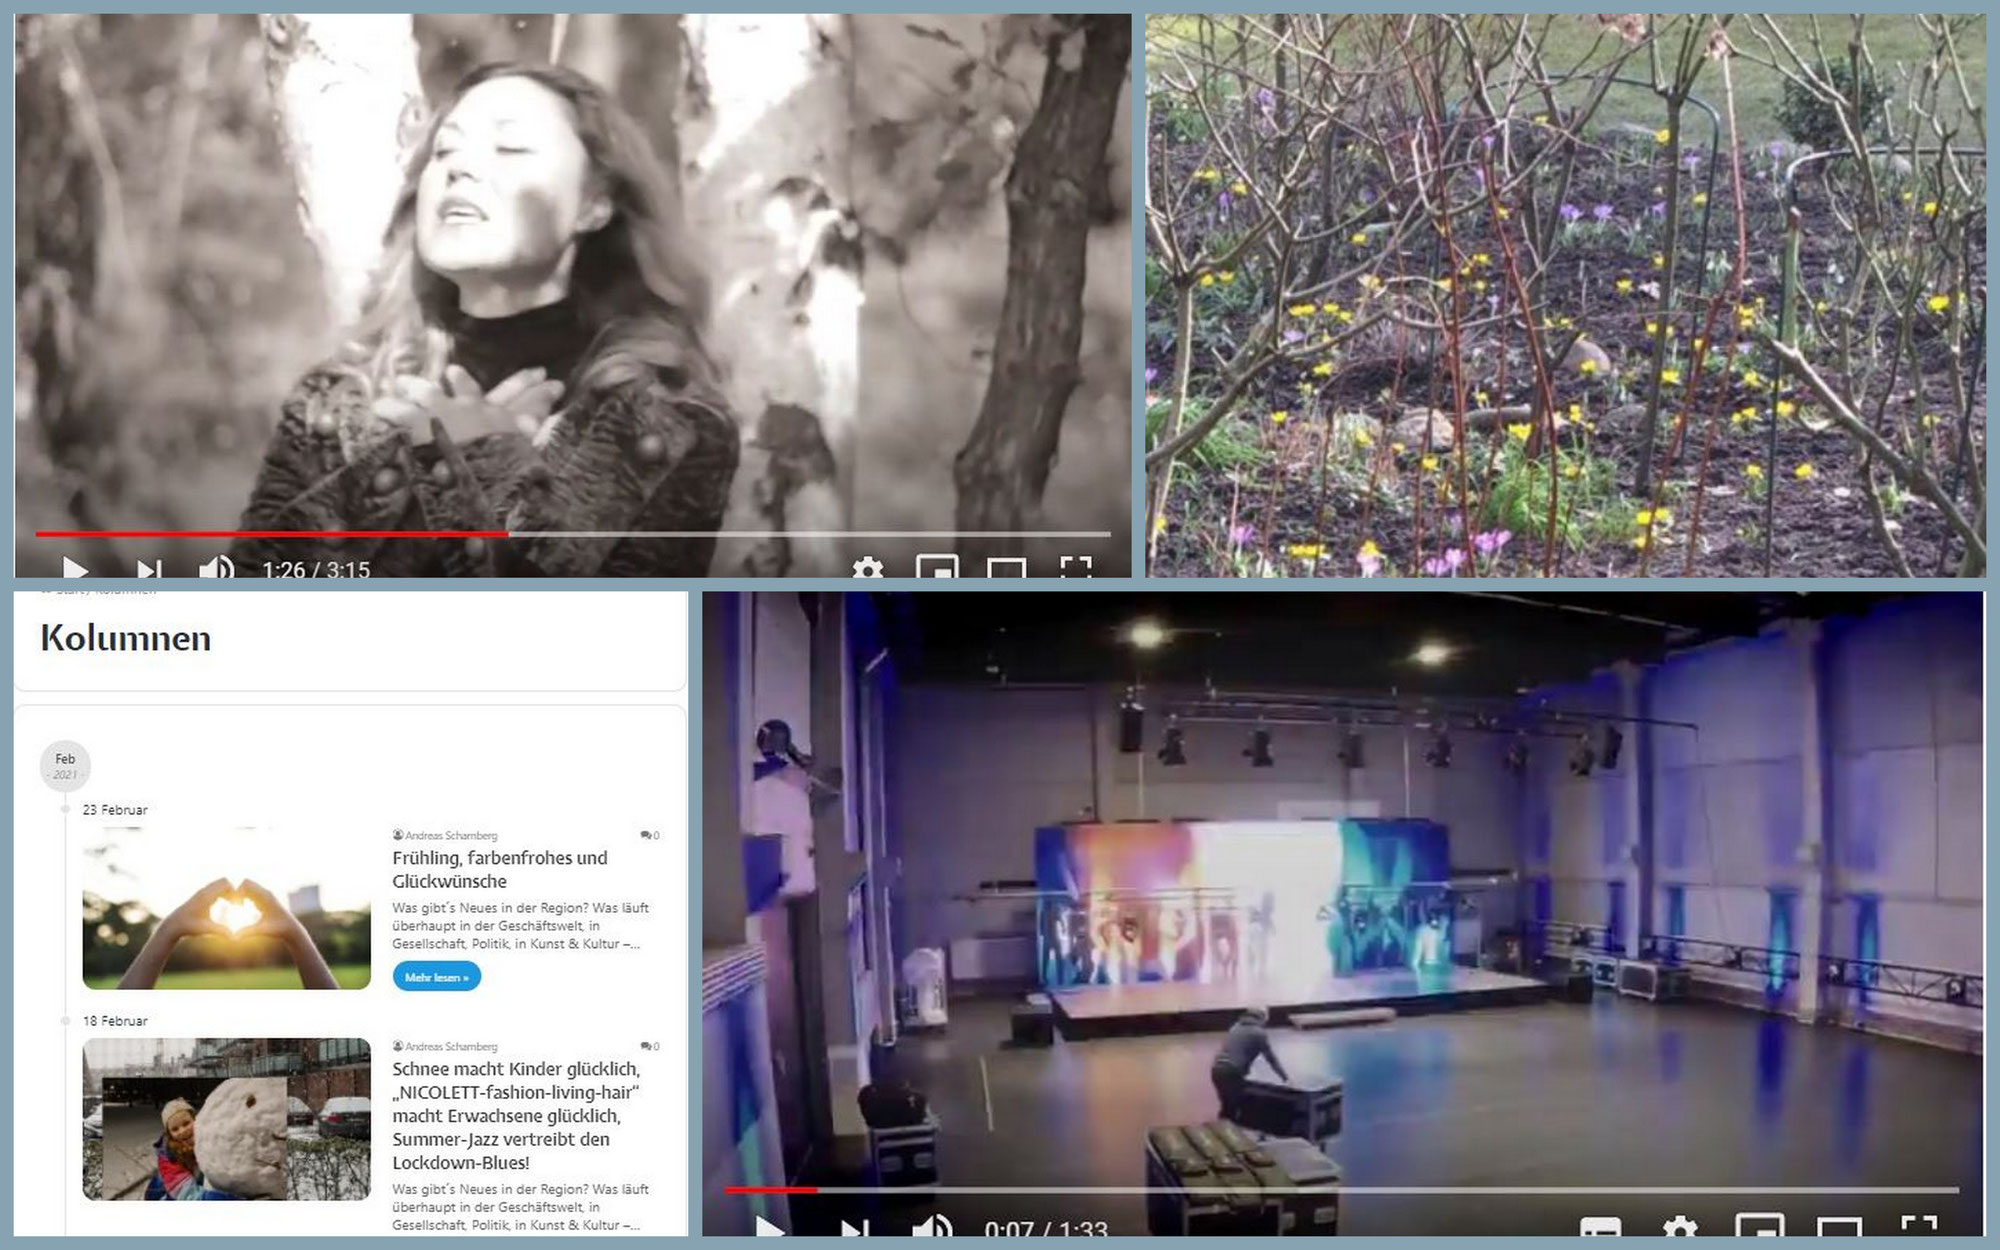 """Blühende Krokusse, eine neue Streaming-Halle mitten in Hamburg, AKTUELLES aus Süderelbe jetzt mit Kolumnen-Bereich und der Song """"Wenn ich dich verlier`..."""""""